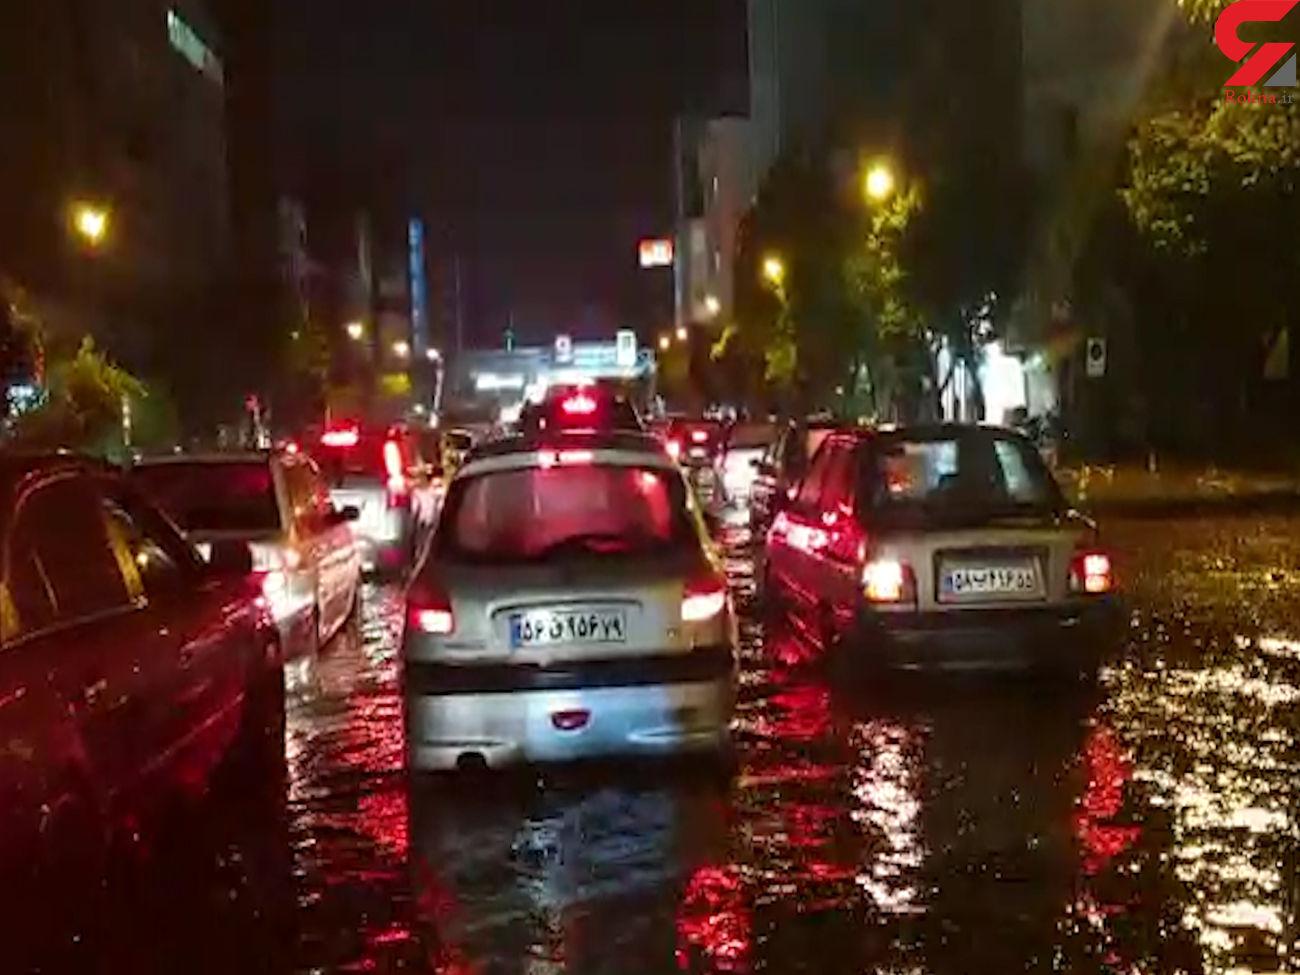 باران تهرانی ها را غافلگیر کرد / آب گرفتگی در خیابان های تهران +عکس و فیلم